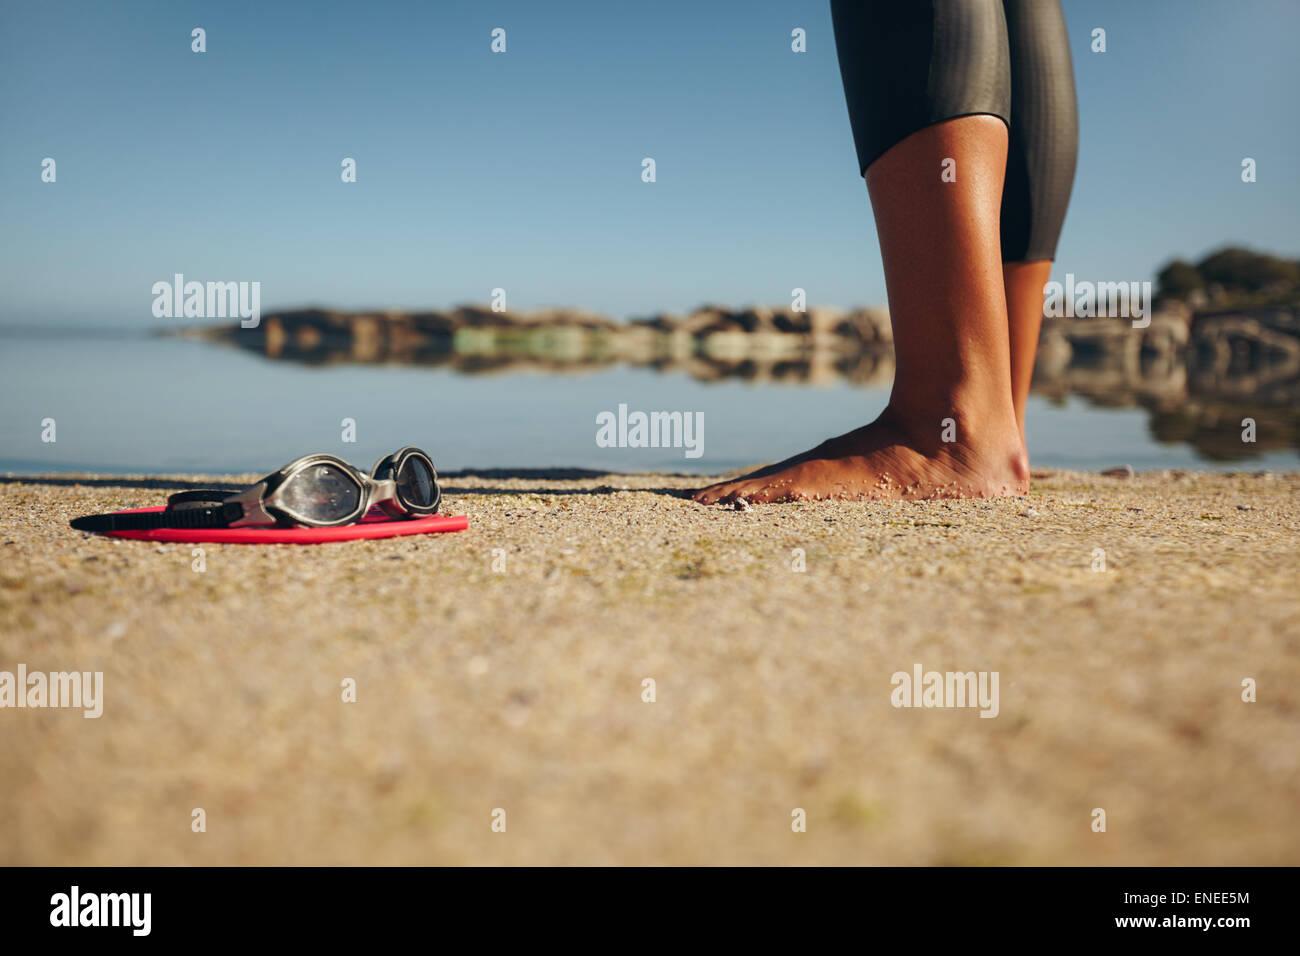 Des lunettes de natation sur le sable aux pieds d'une femme debout par. Se concentrer sur des lunettes. Photo Stock